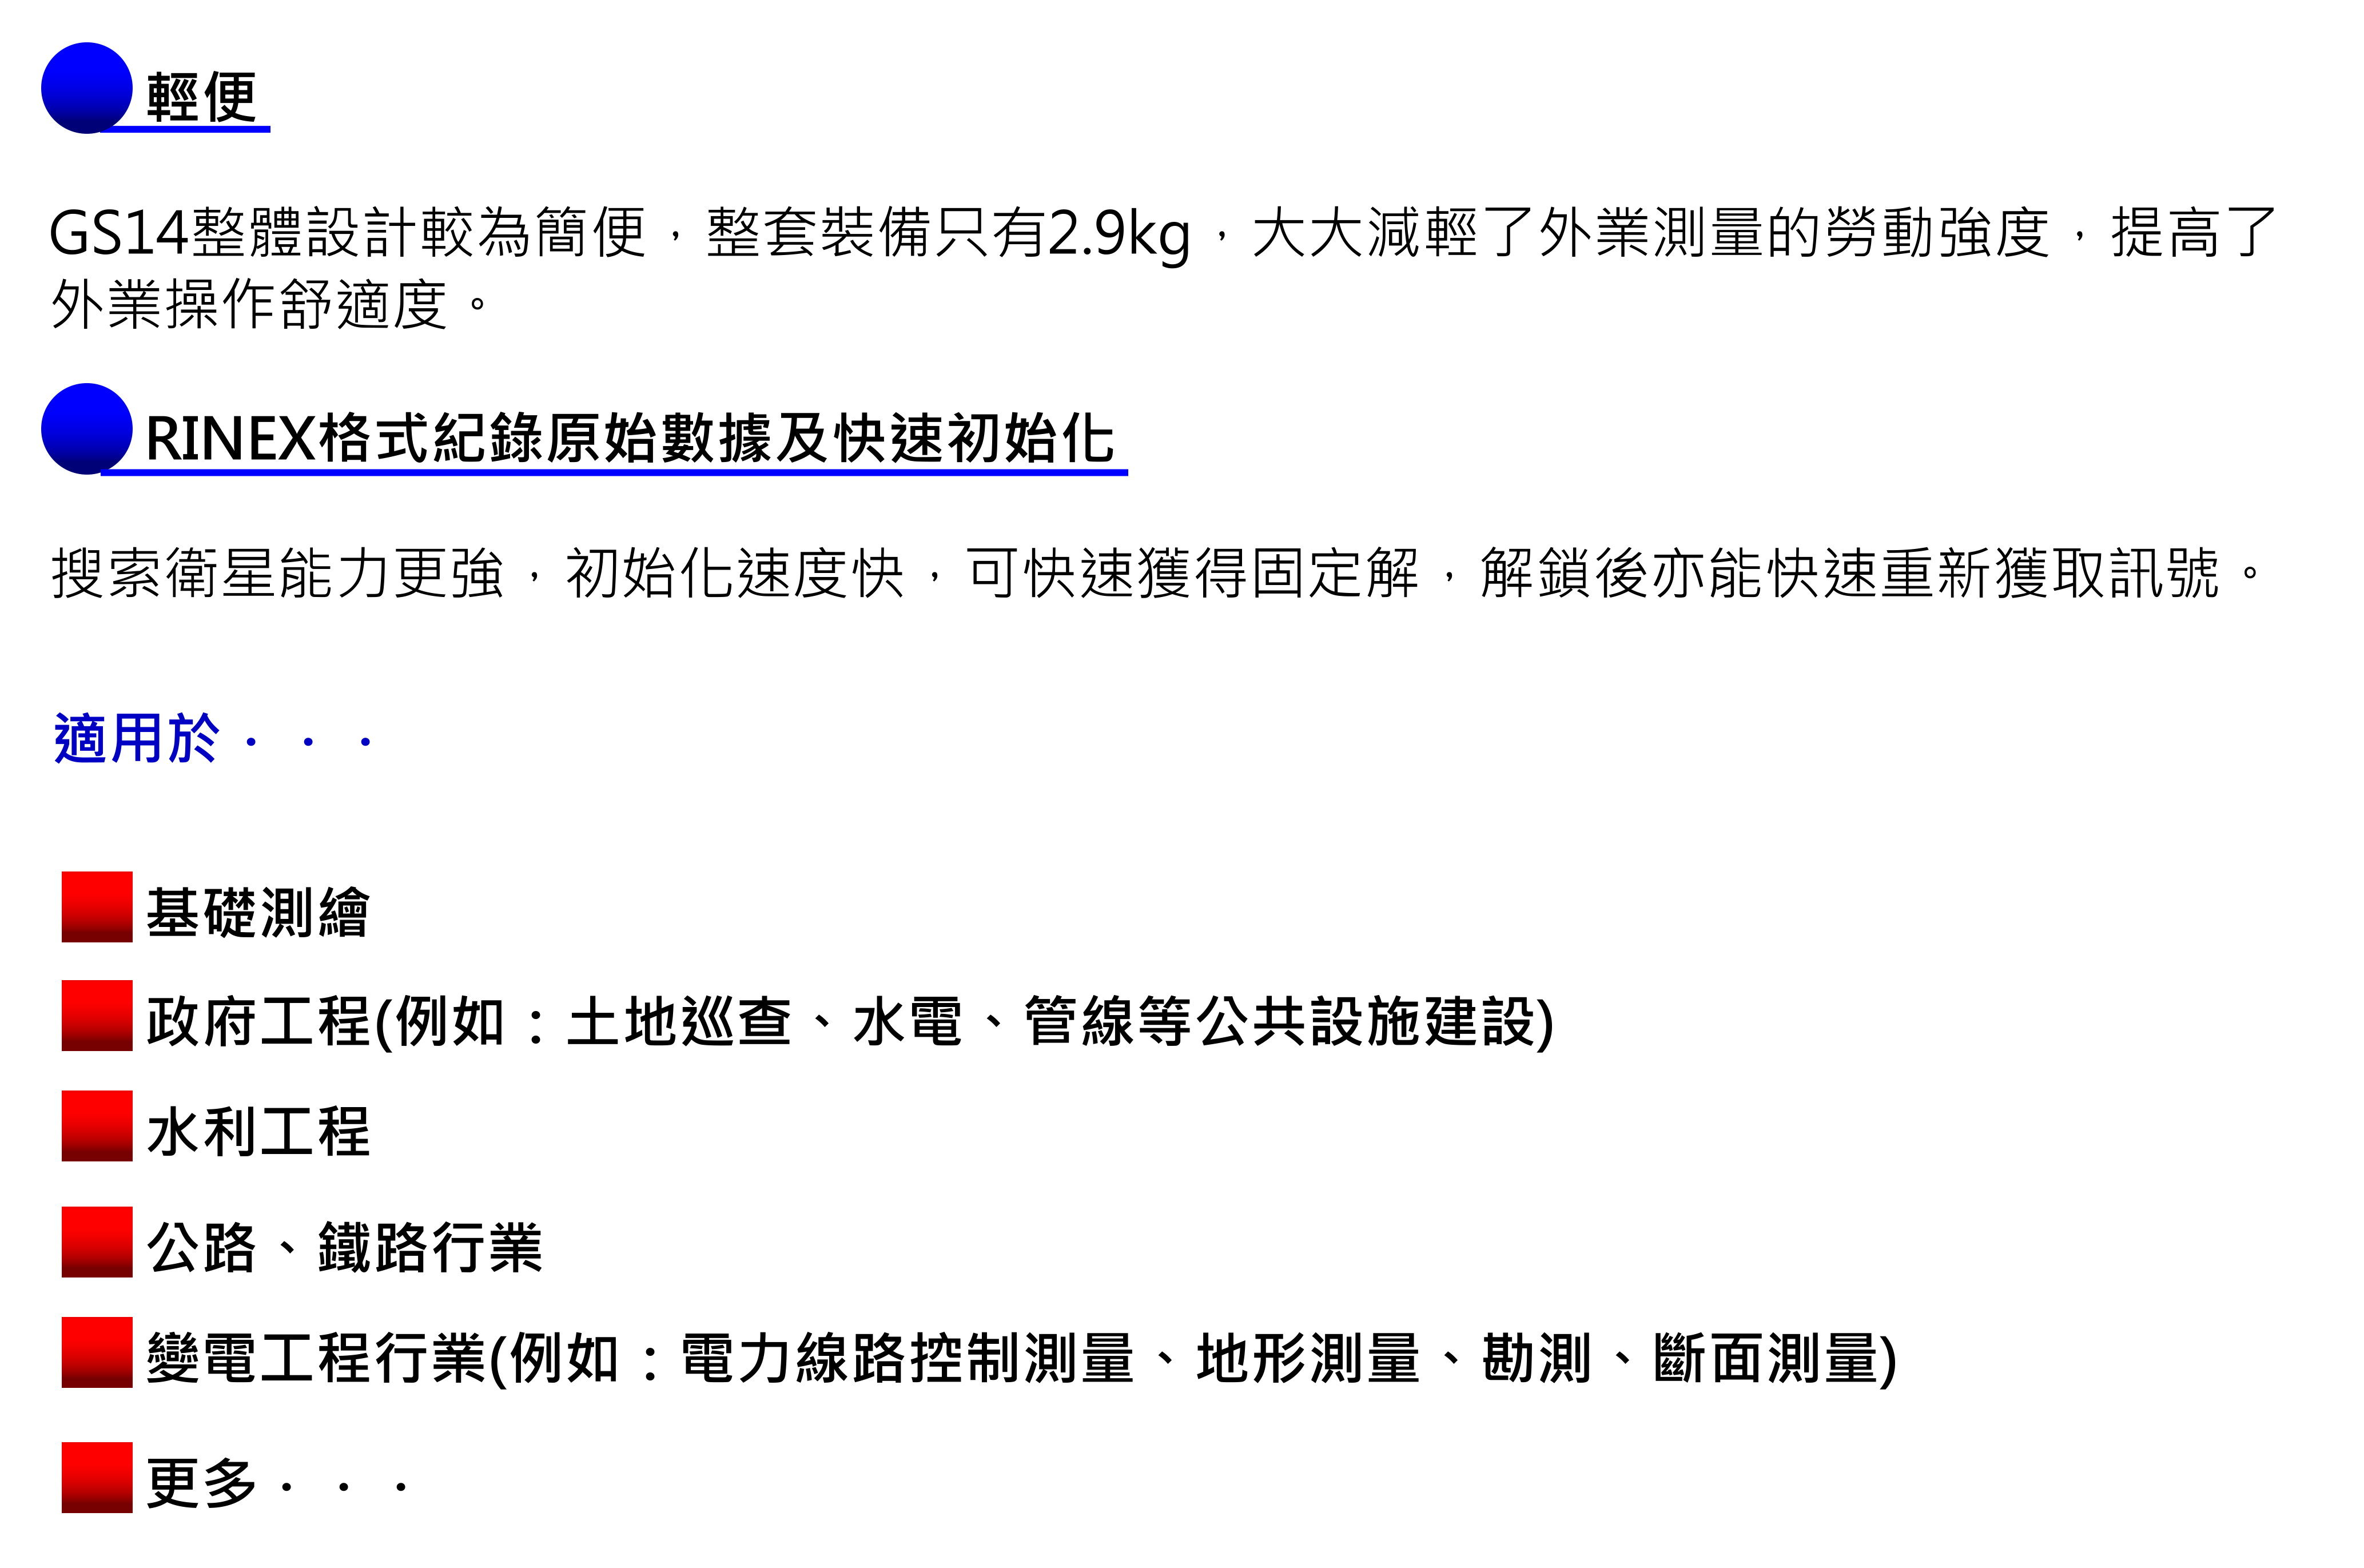 Leica%20viva%20GS14%EF%BC%8D%EF%BC%92 衛星定位儀Leica GS14